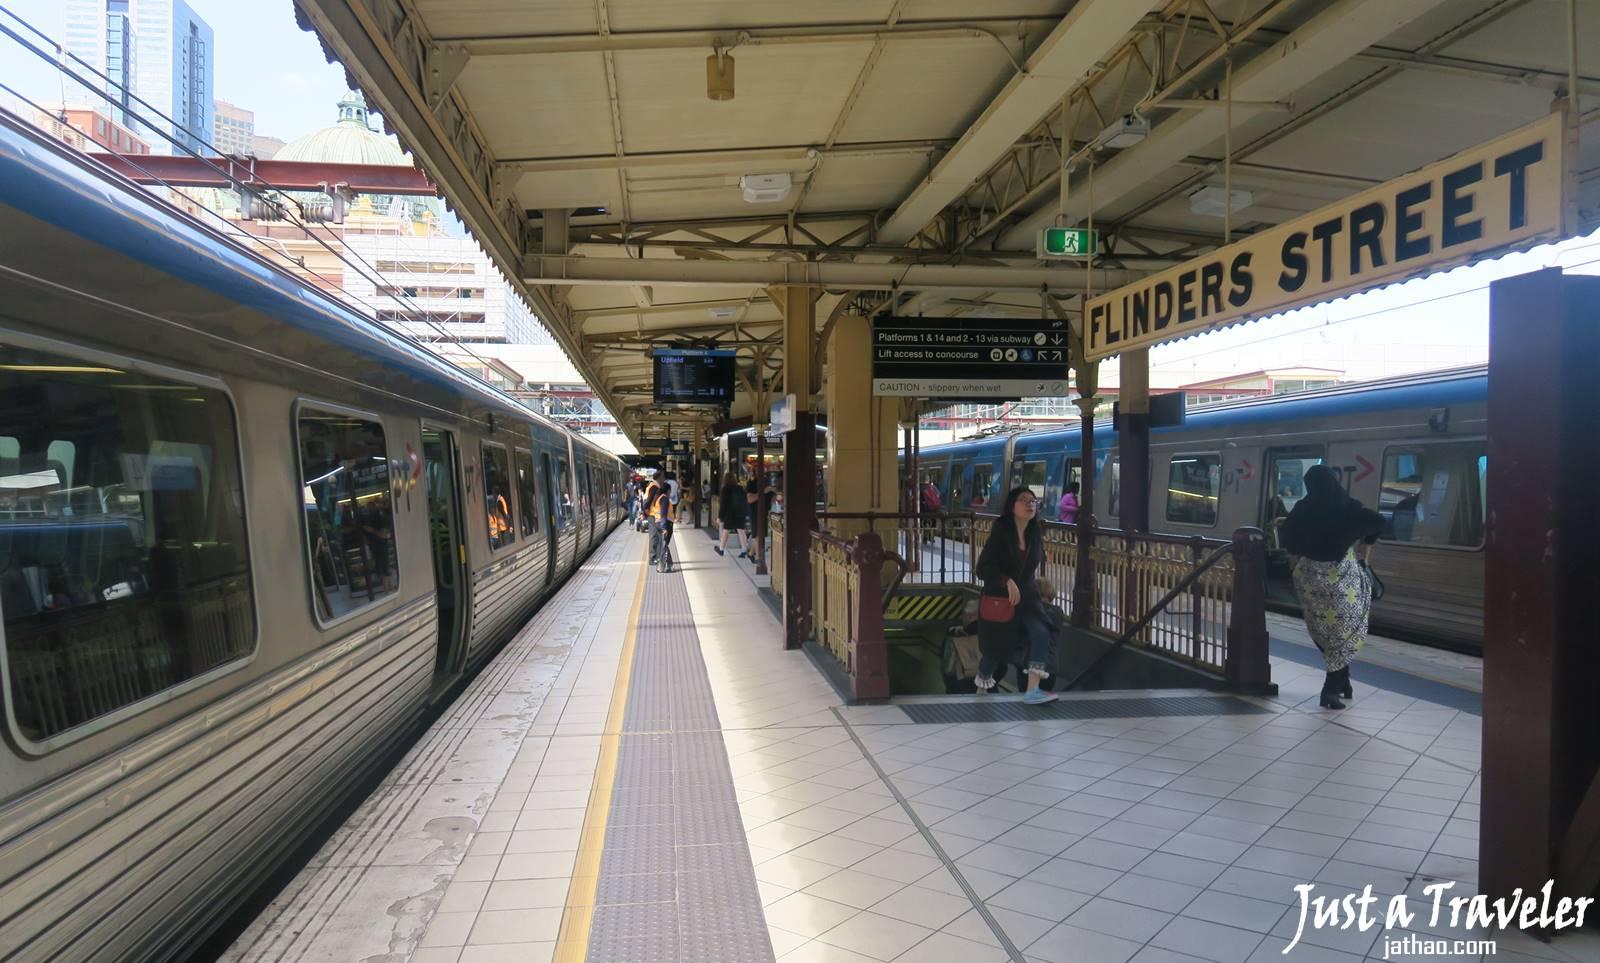 墨爾本-交通-myki-電車-火車-巴士-墨爾本交通攻略-墨爾本交通介紹-教學-搭乘-票價-melbourne-transport-tram-train-bus